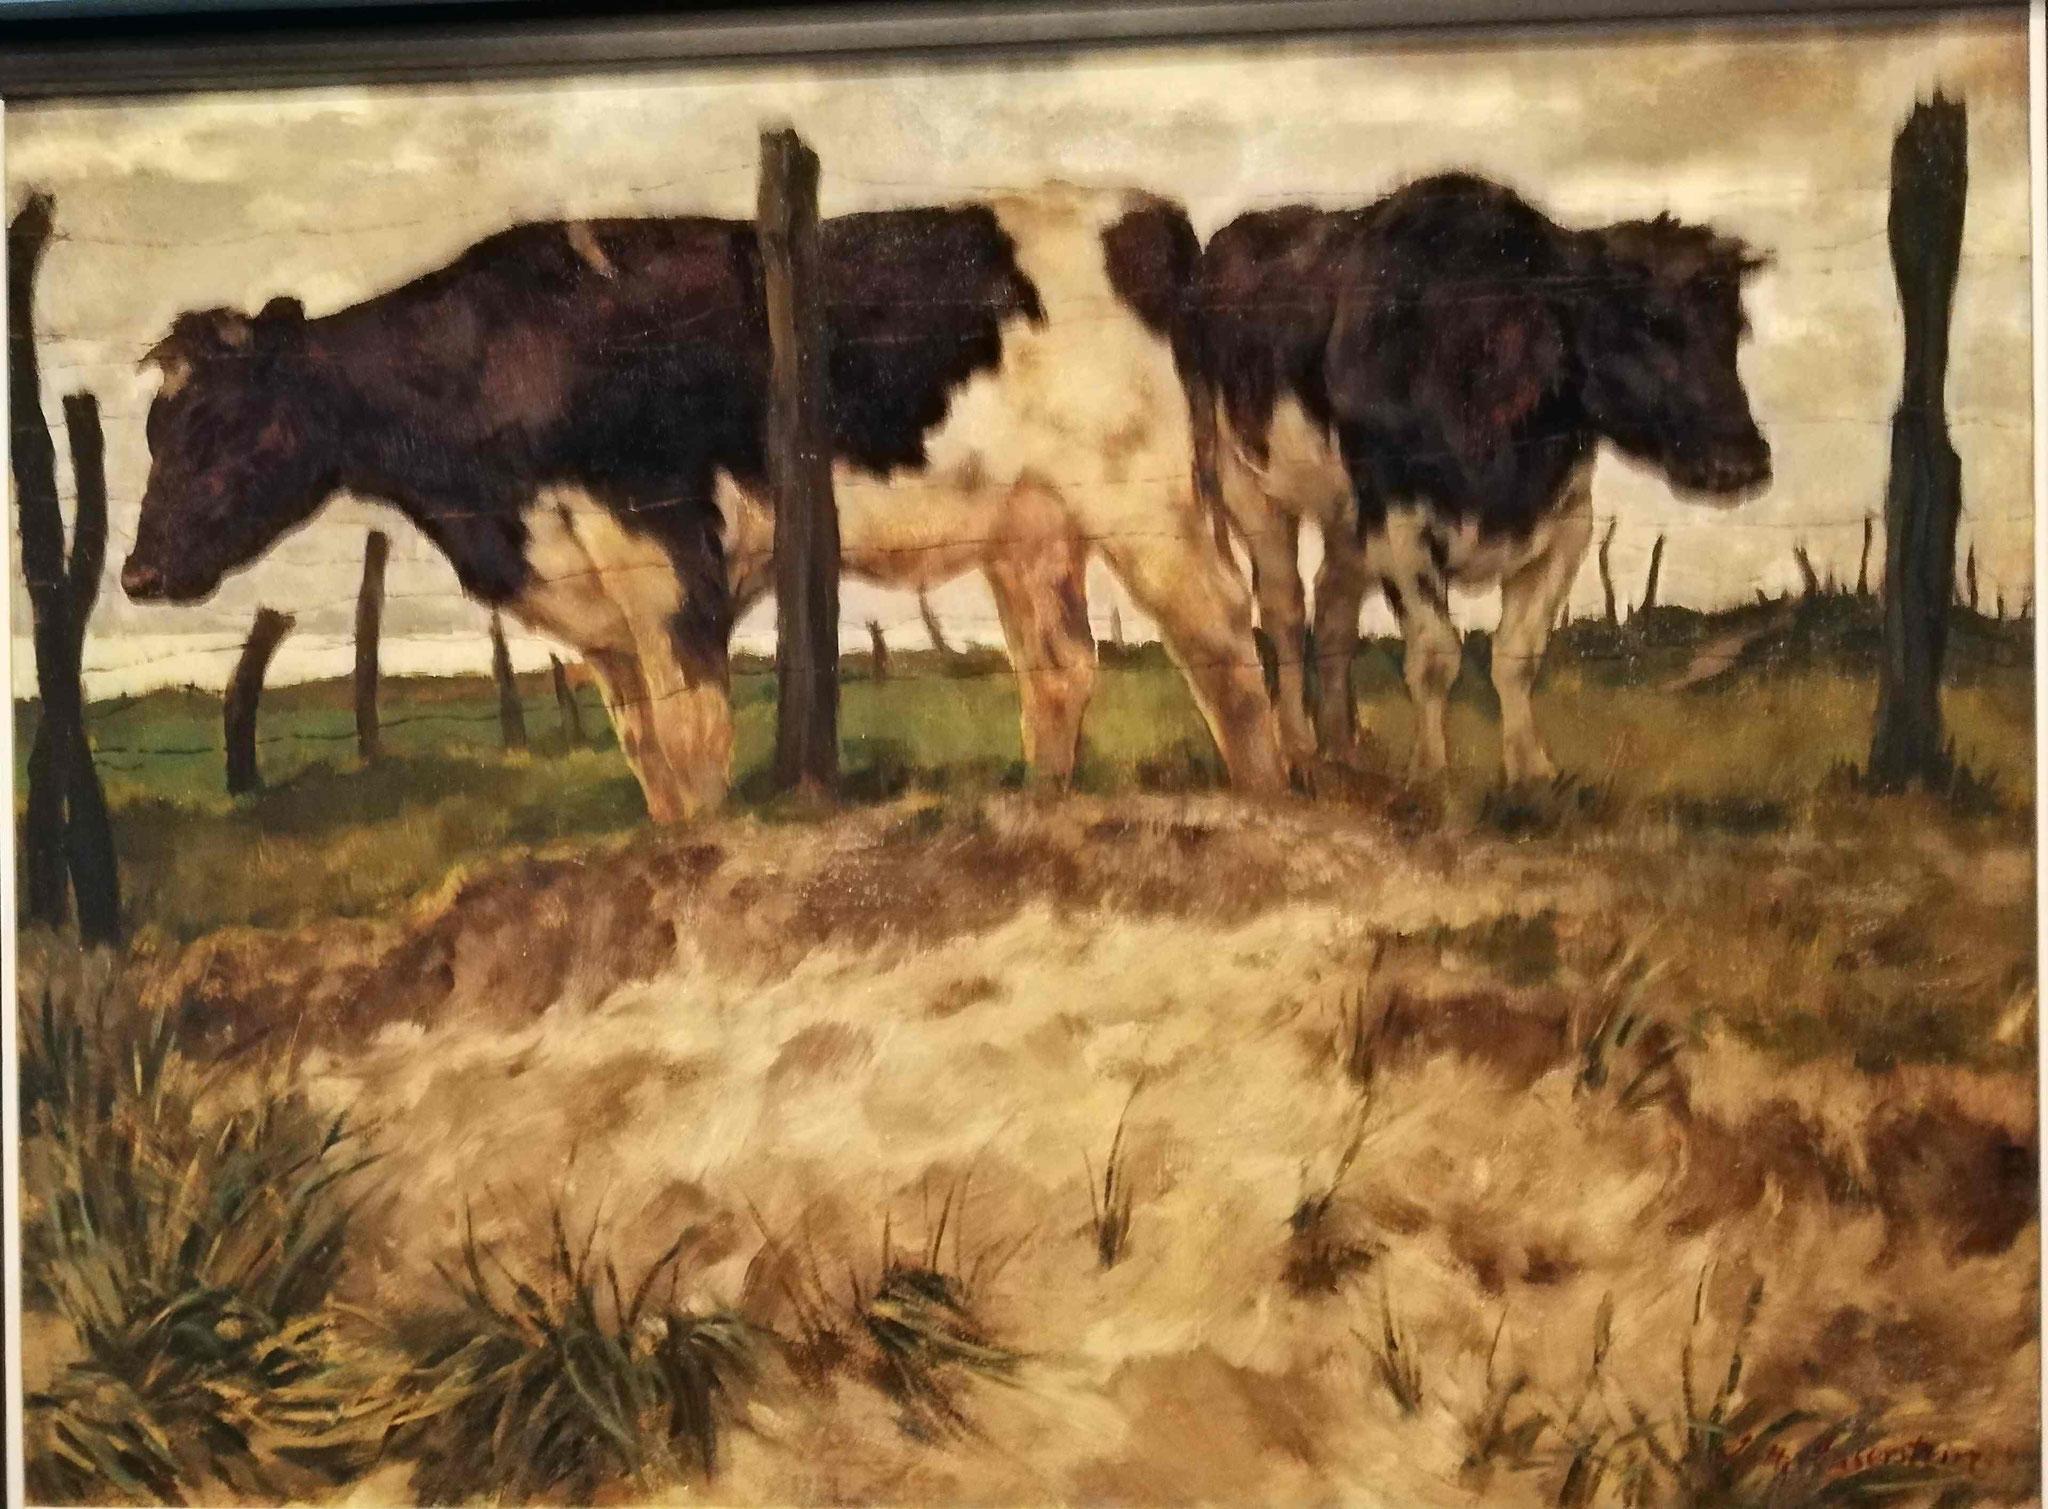 Lotte Laserstein, Kühe hinter einem Zaun, 1935